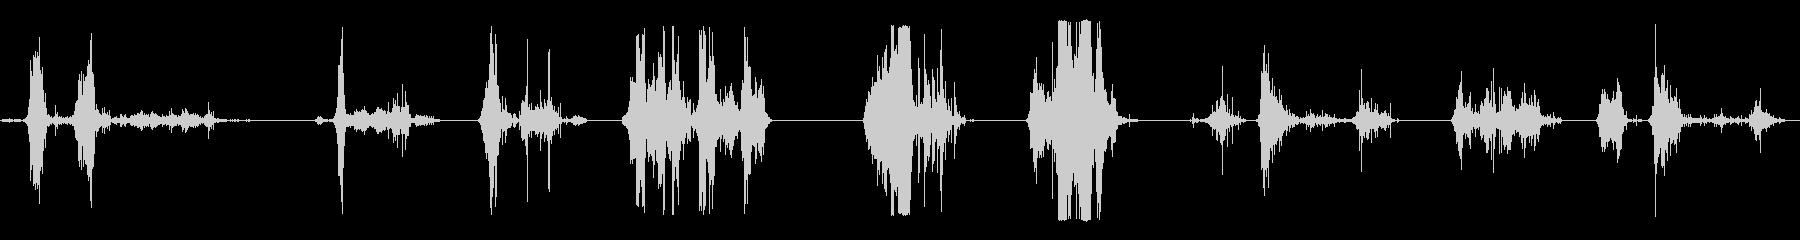 ロッキーダート9Xにボディシンクの未再生の波形